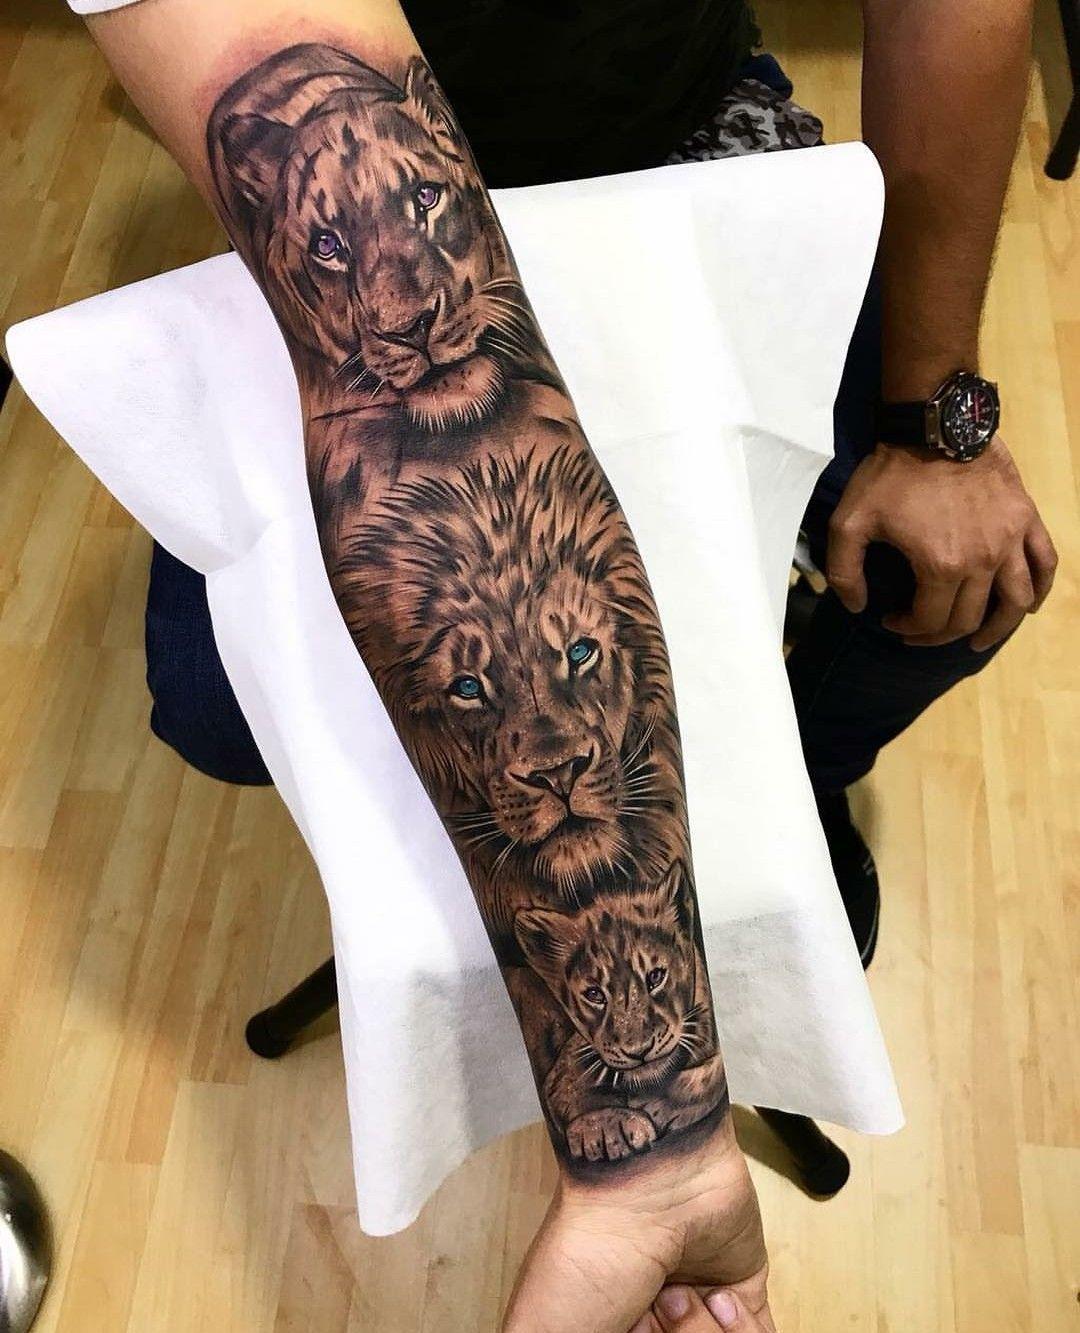 Leon family tattoo CoolTattooLife Lion forearm tattoos